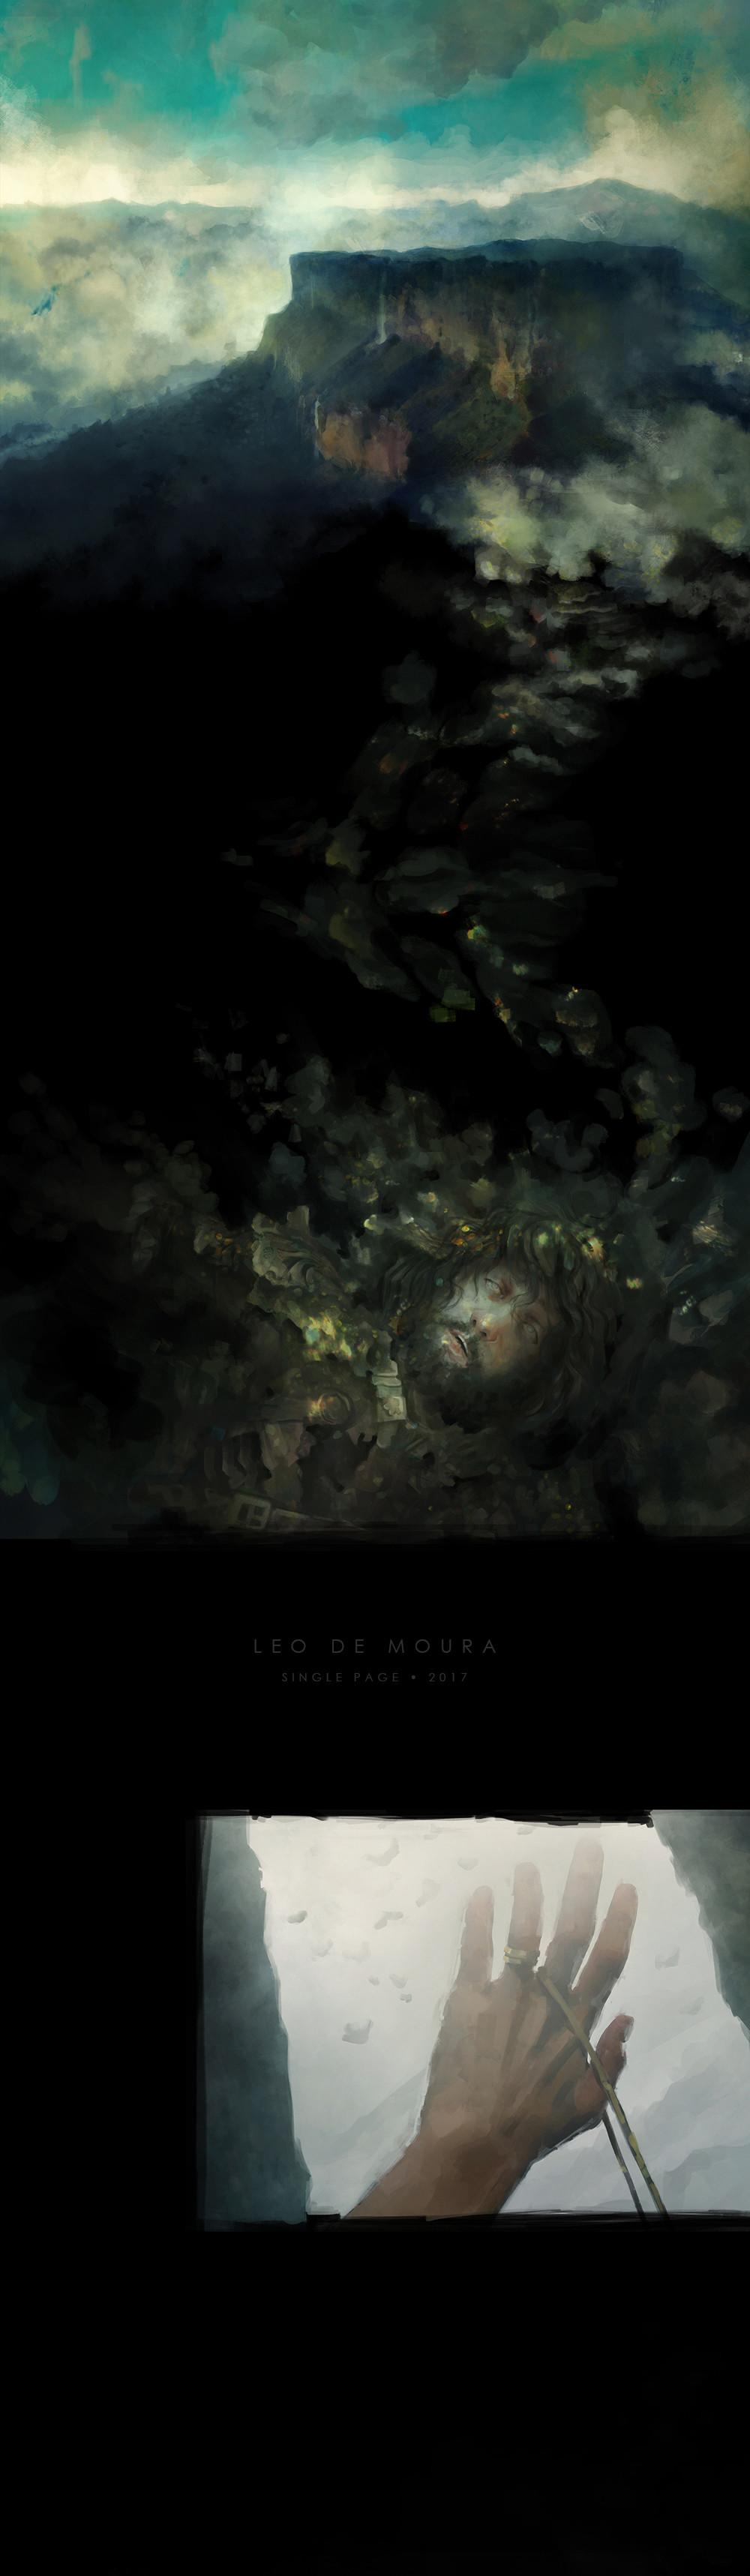 Leo de moura 01